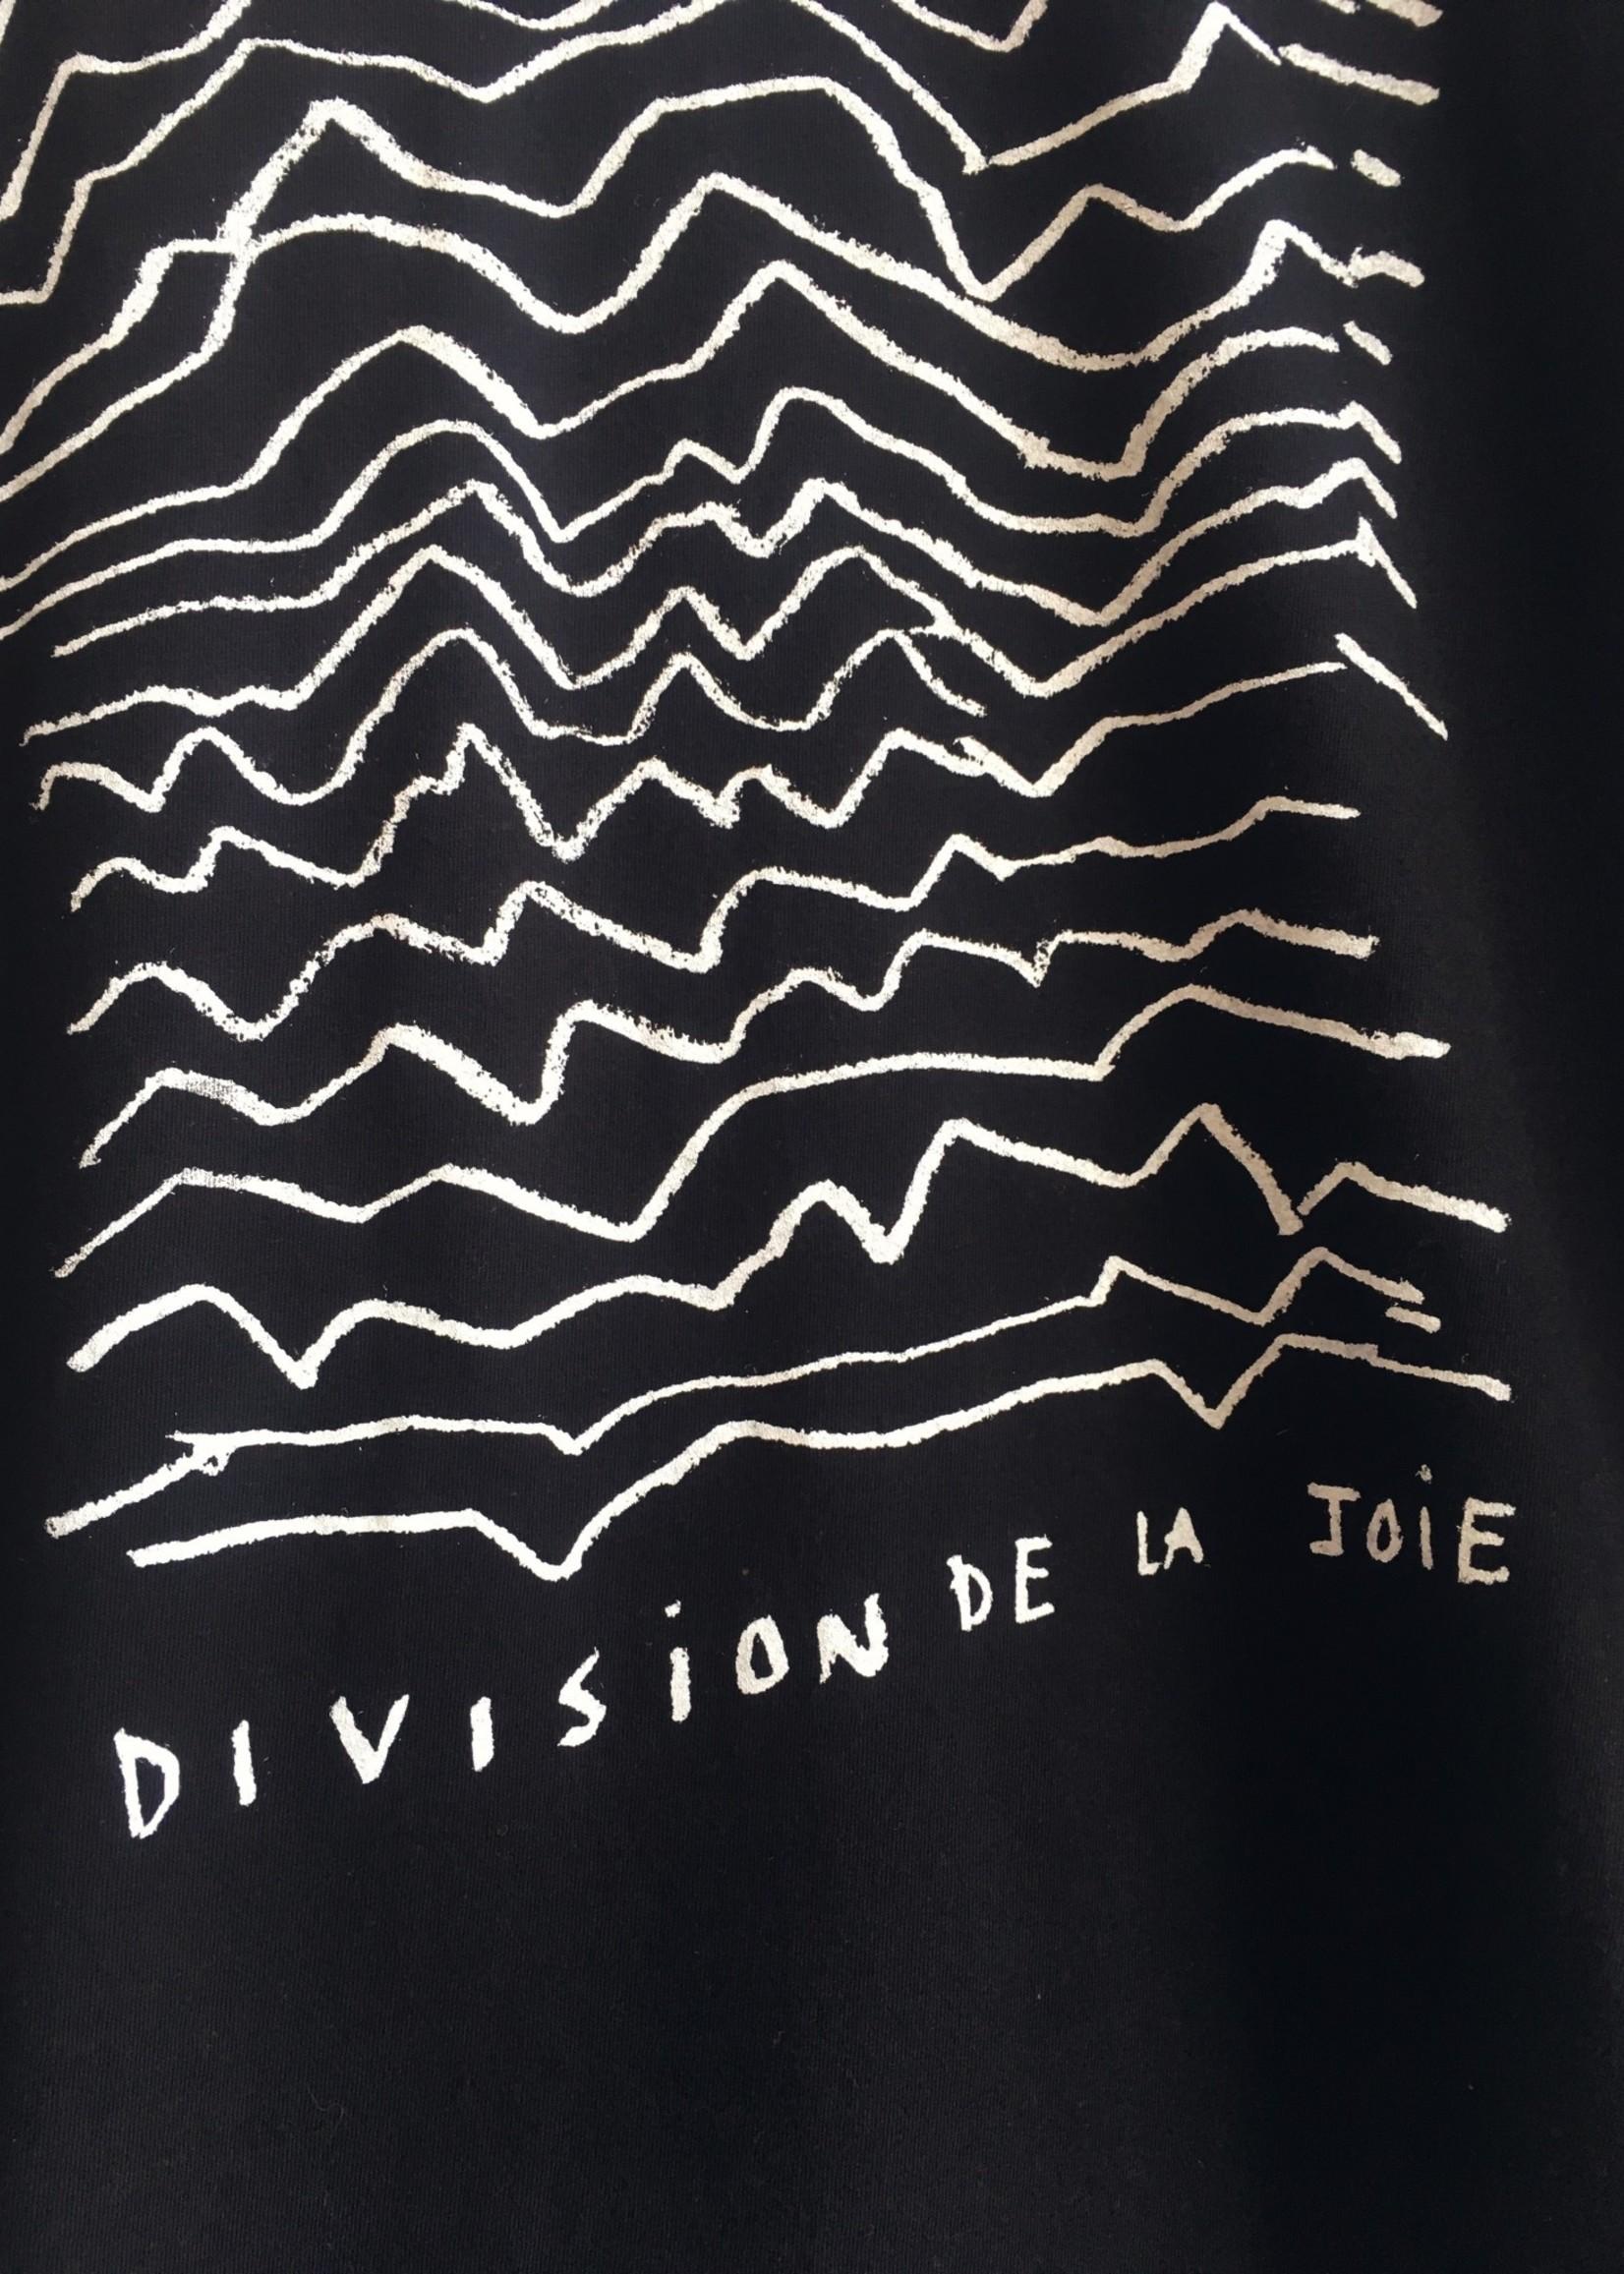 Les Roches Qui Roulent Division De La Joie T-shirt